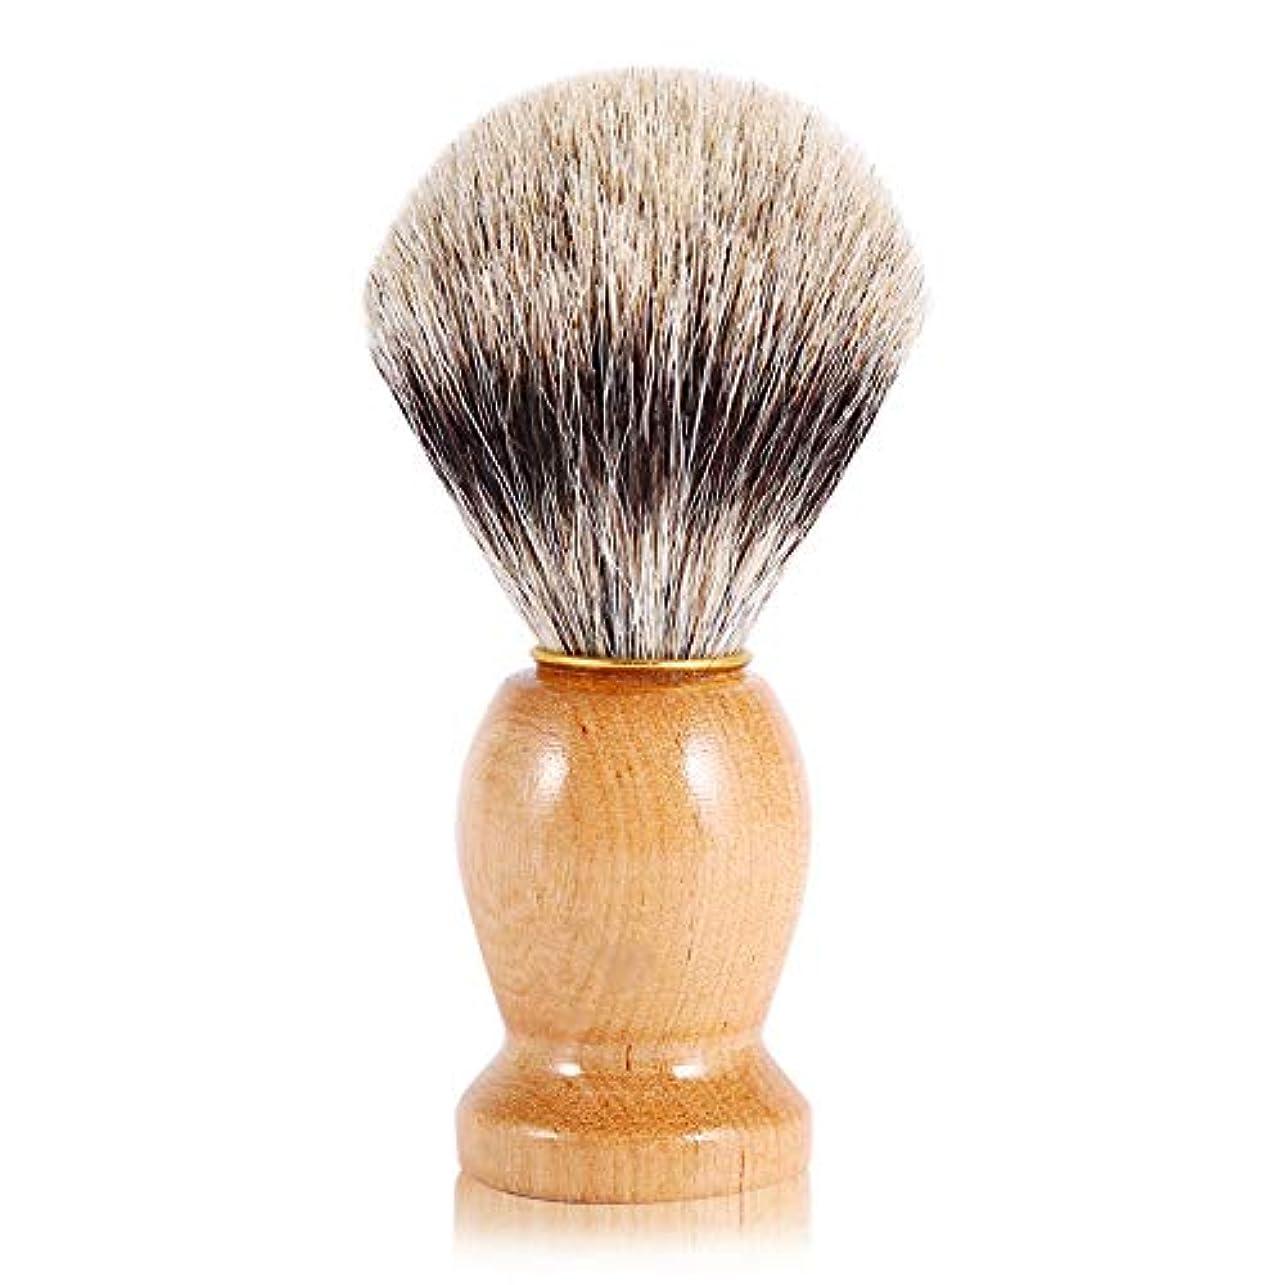 直立主人七面鳥Qinlorgo シェービングブラシ メンズ シェービングブラシ あご髭シェービングブラシ フェイシャルクリーニングブラシ バーバーサロンツール 男性用髭剃り用